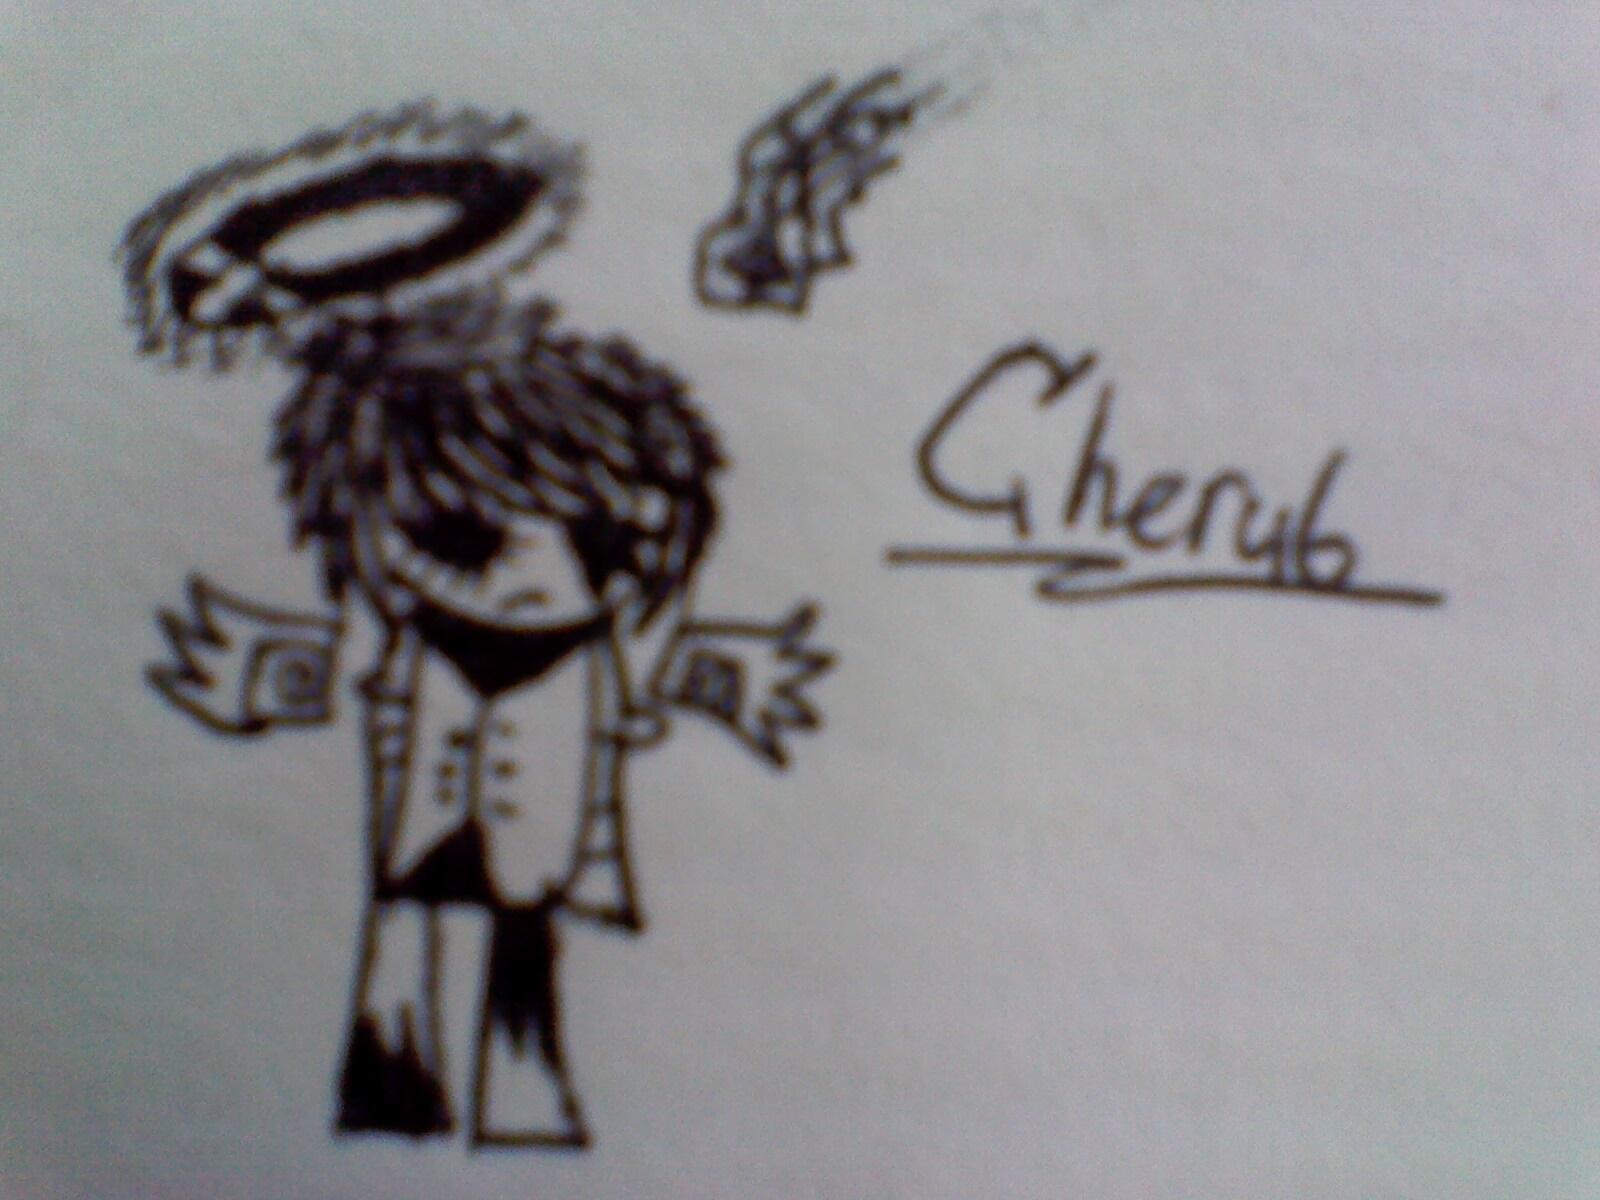 Cherub.